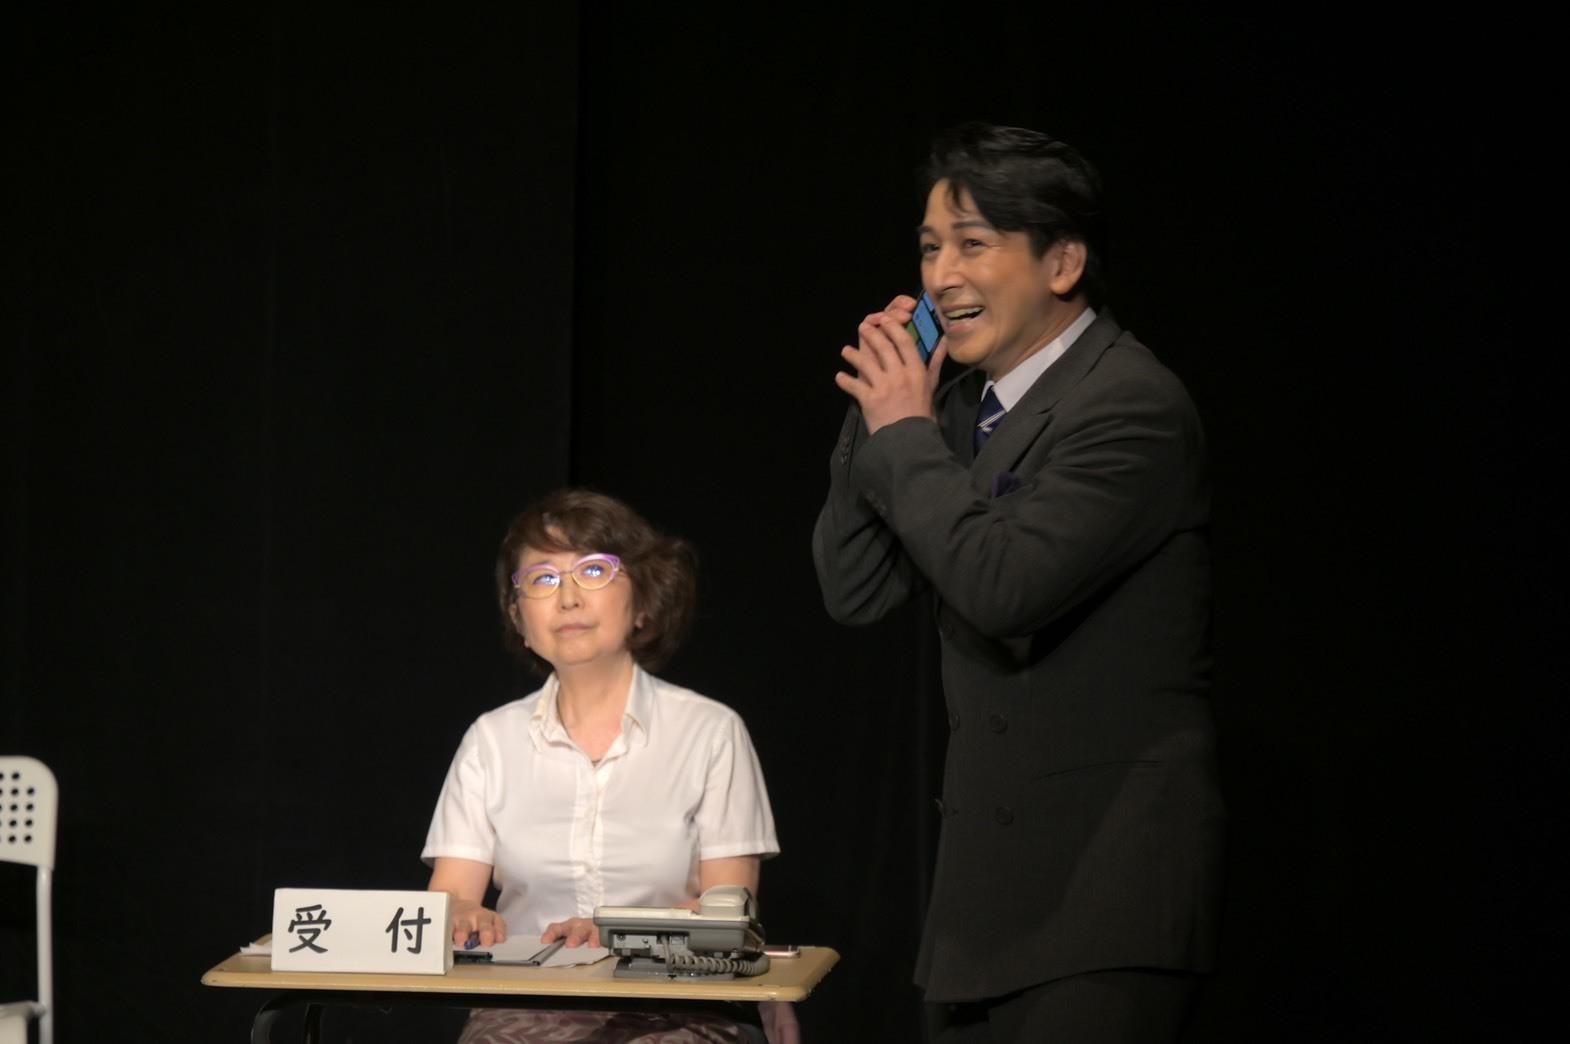 都筑淳さん撮影の「あなたの受付」_a0163623_00154857.jpg